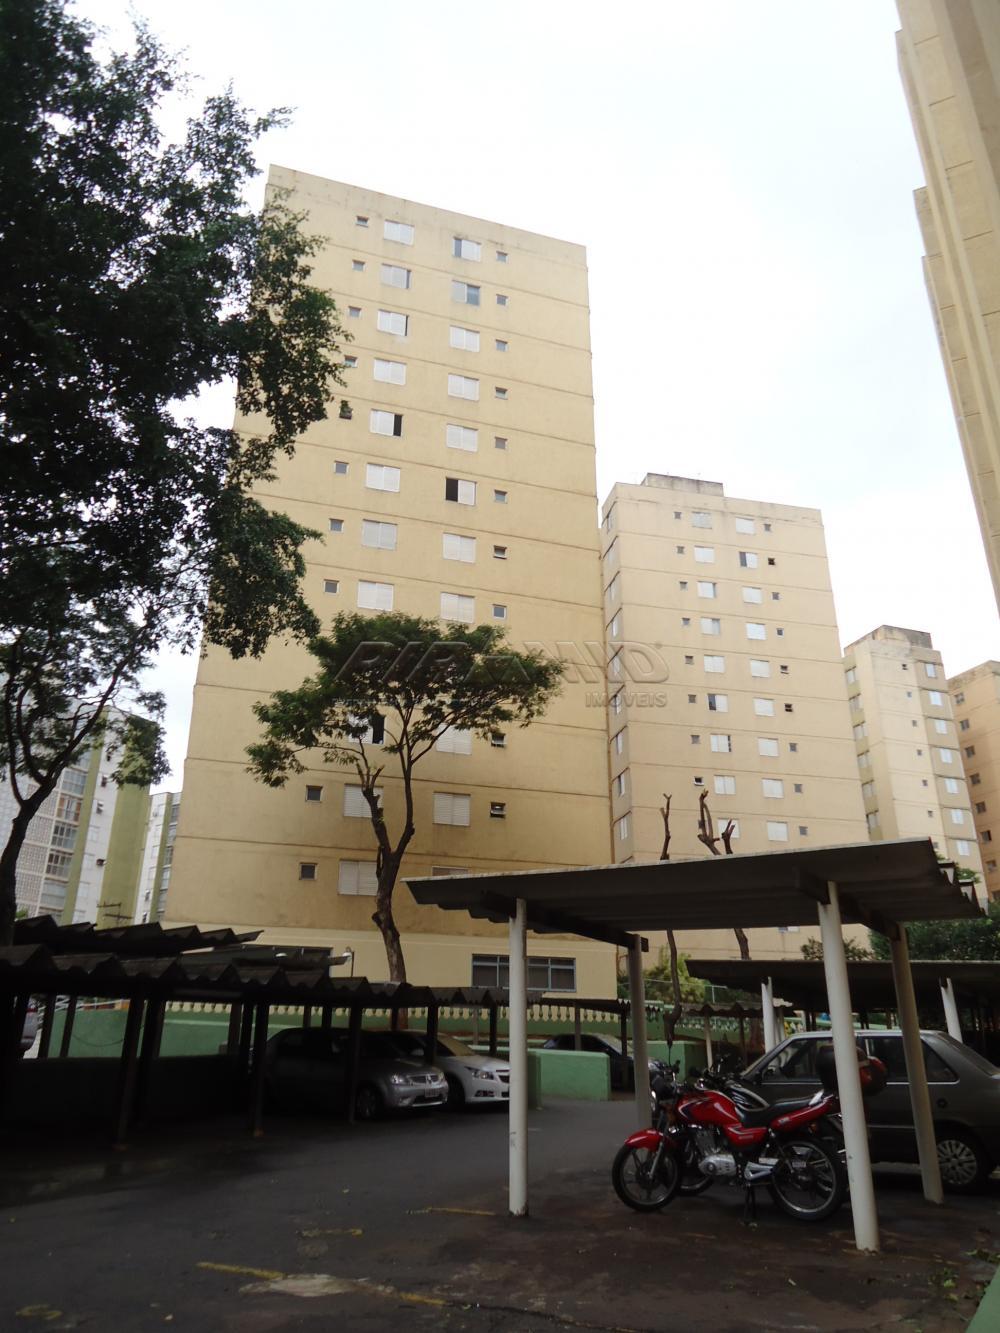 Comprar Apartamento / Padrão em Ribeirão Preto R$ 190.000,00 - Foto 19